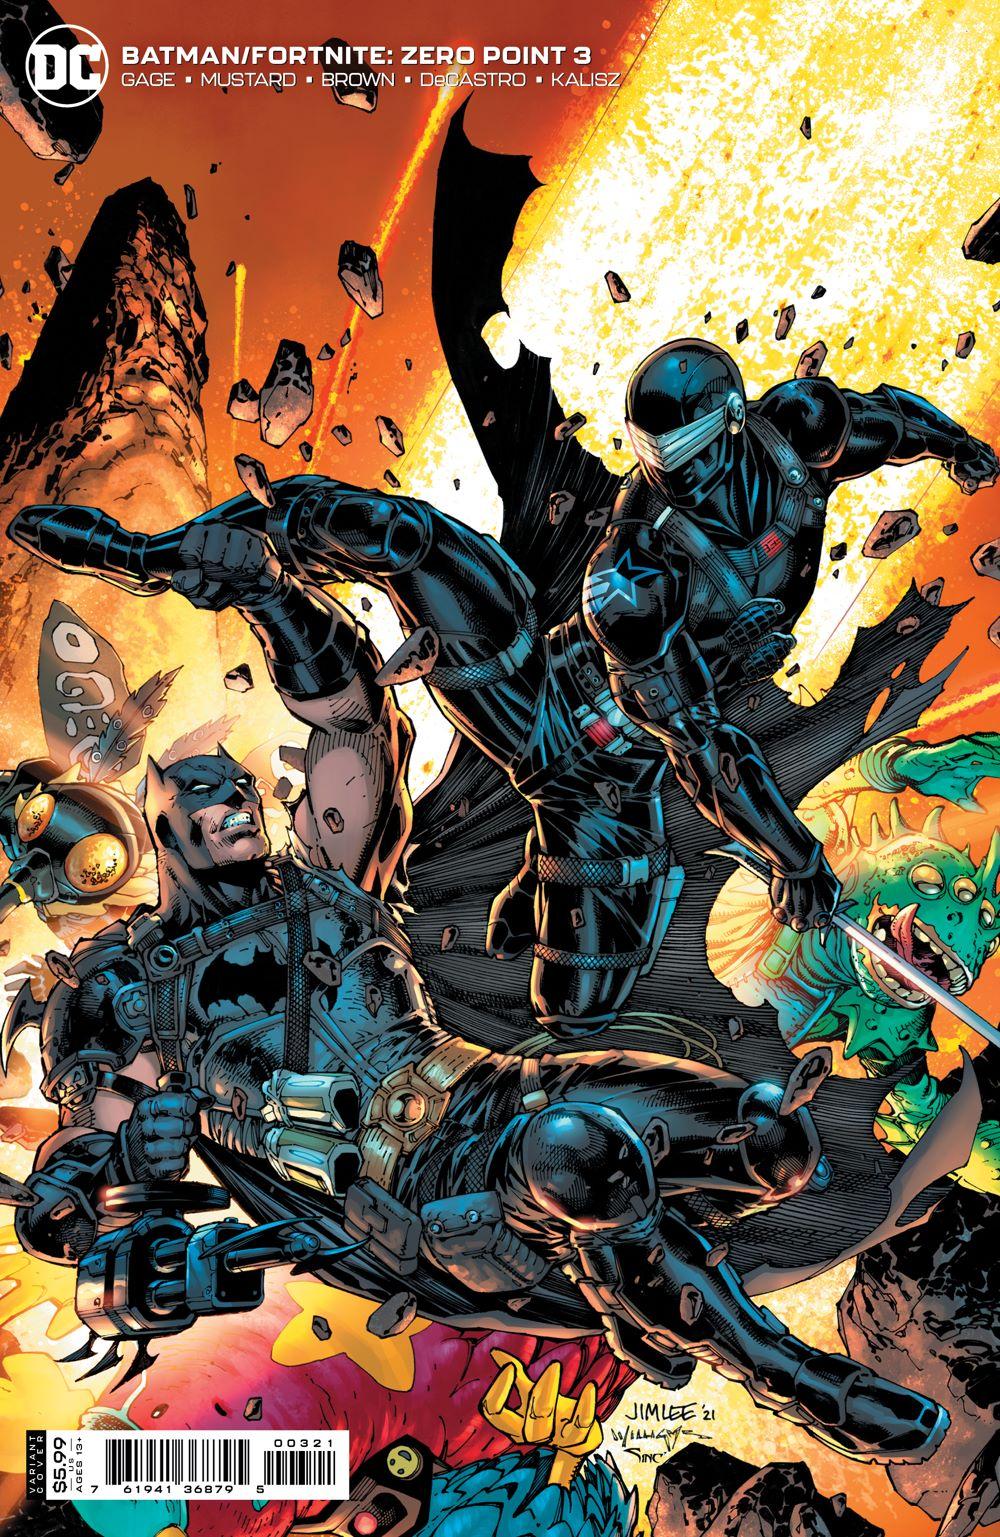 BMFNZP_Cv3_VAR DC Comics June 2021 Solicitations